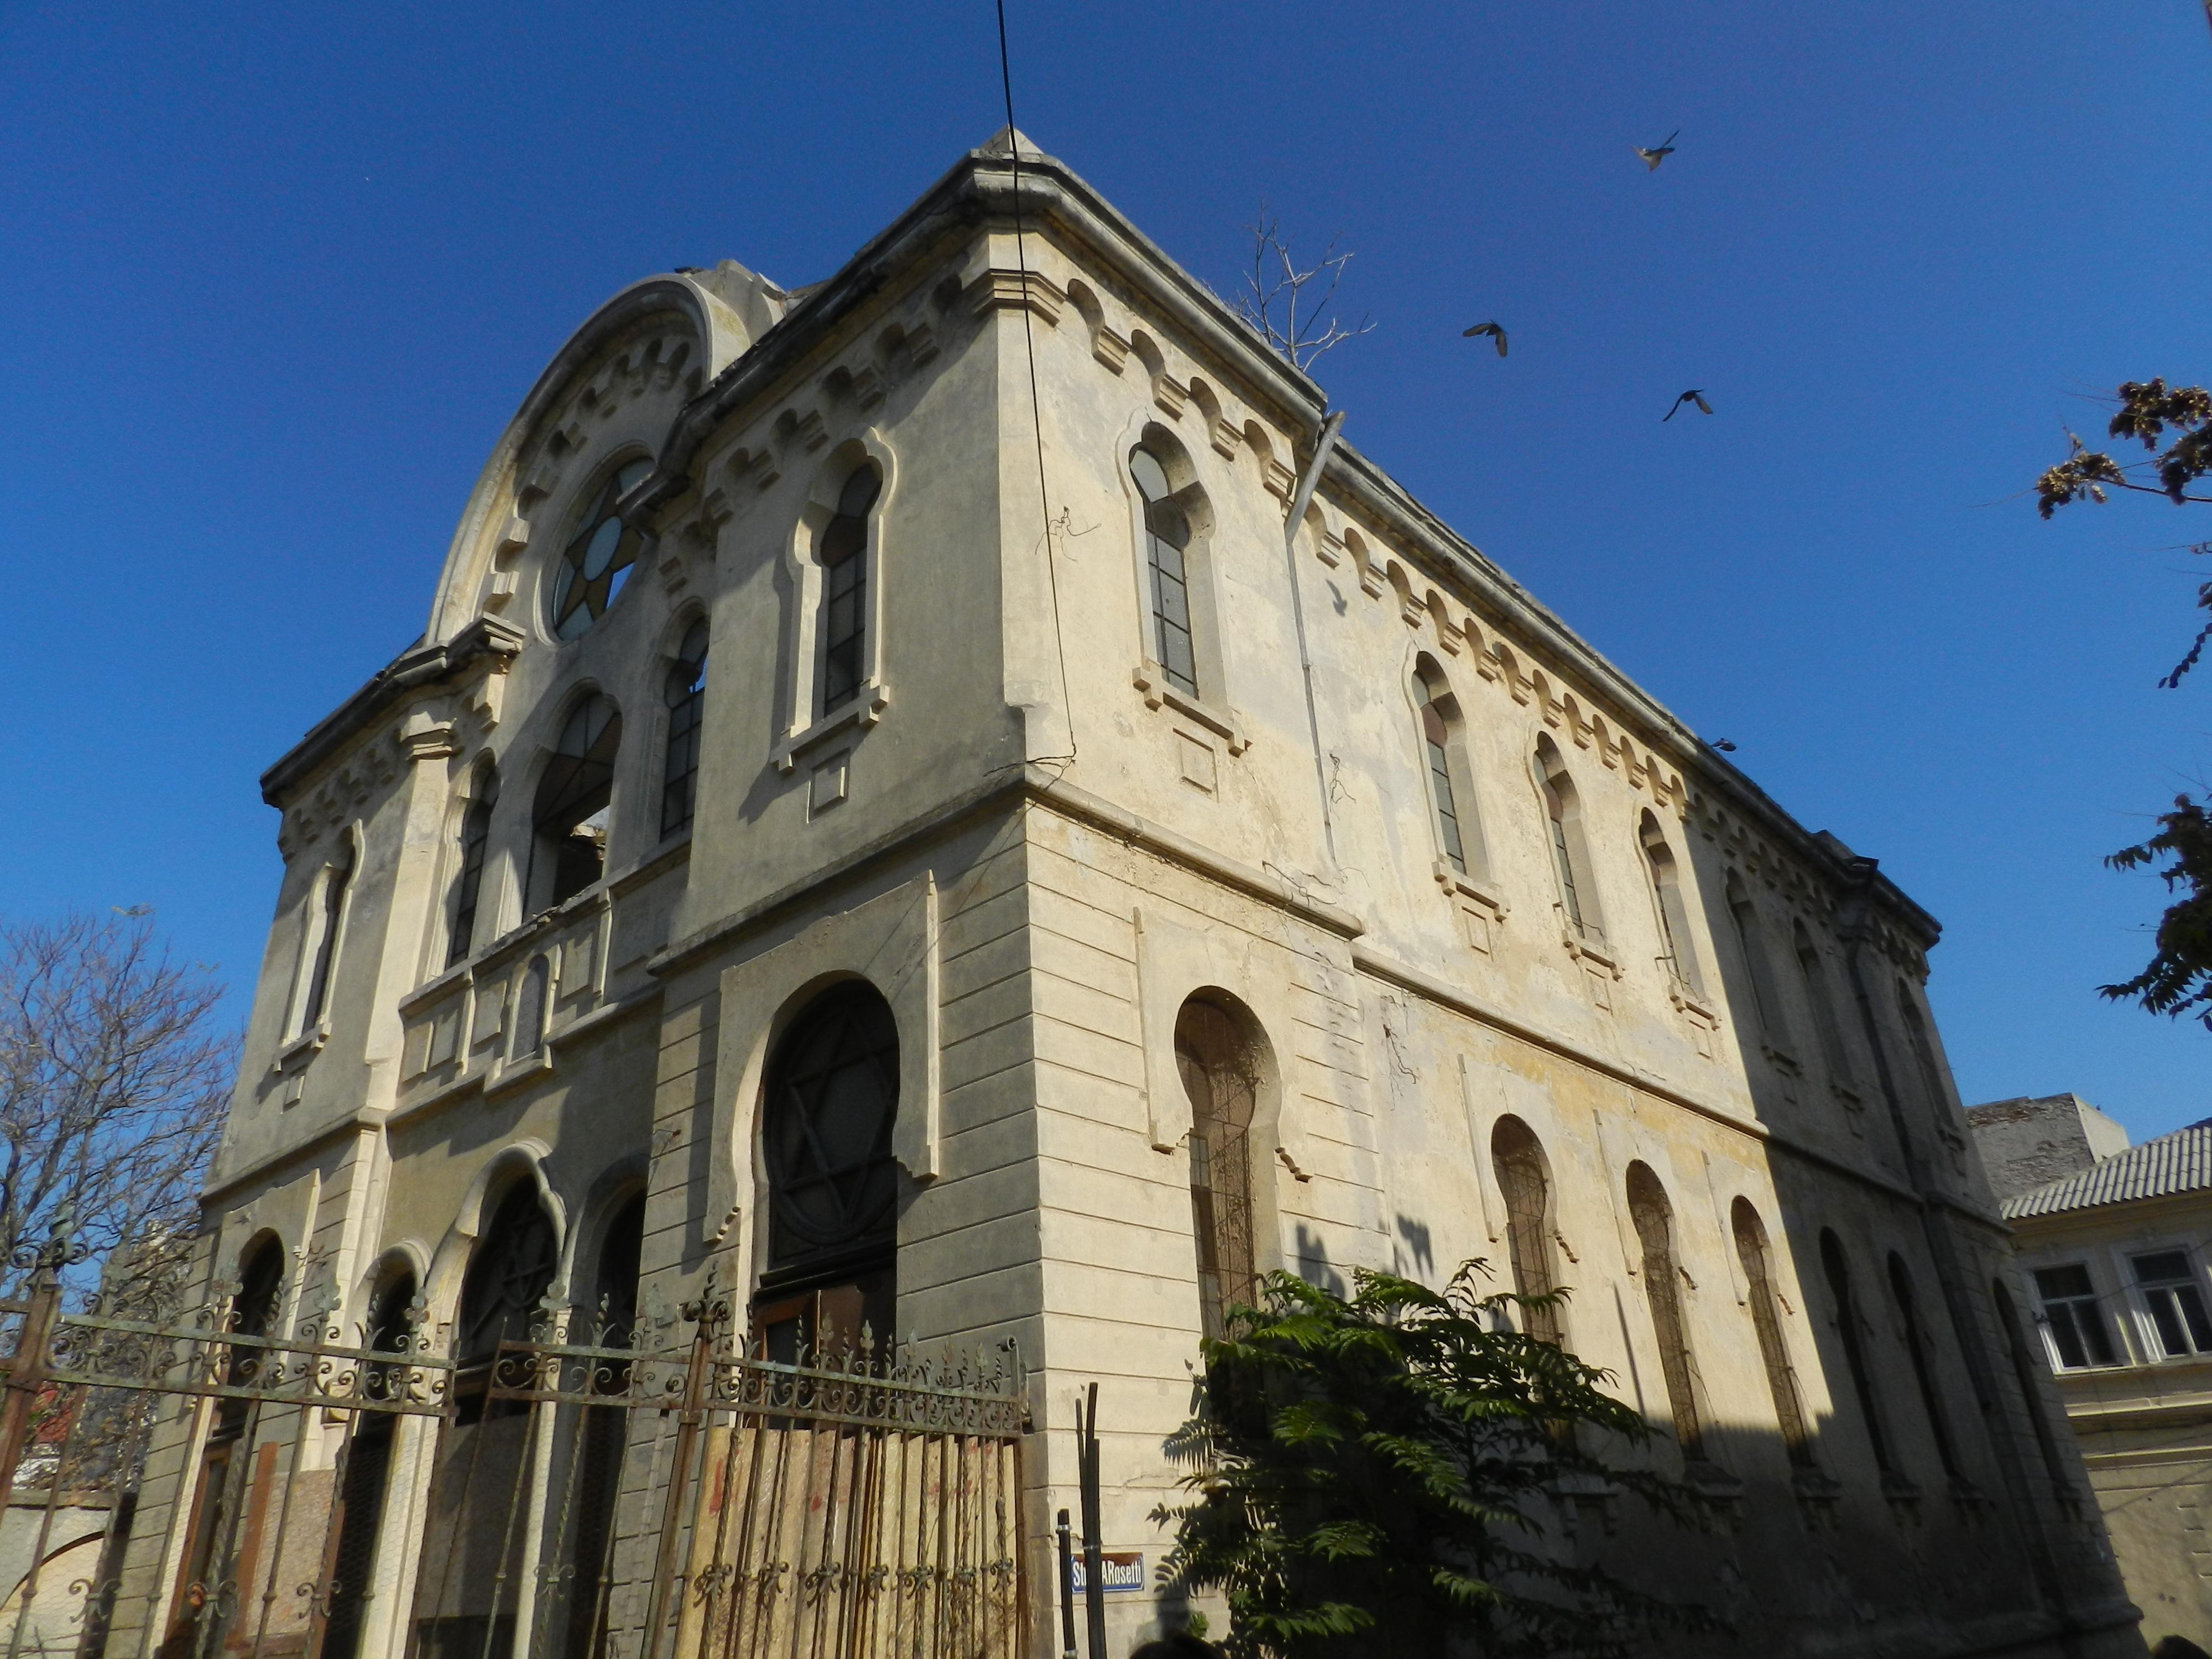 Constanta: Sinagoga askenază, în ruine de 20 de ani, ar putea fi consolidată si restaurată de Compania Națională de Investiții 5